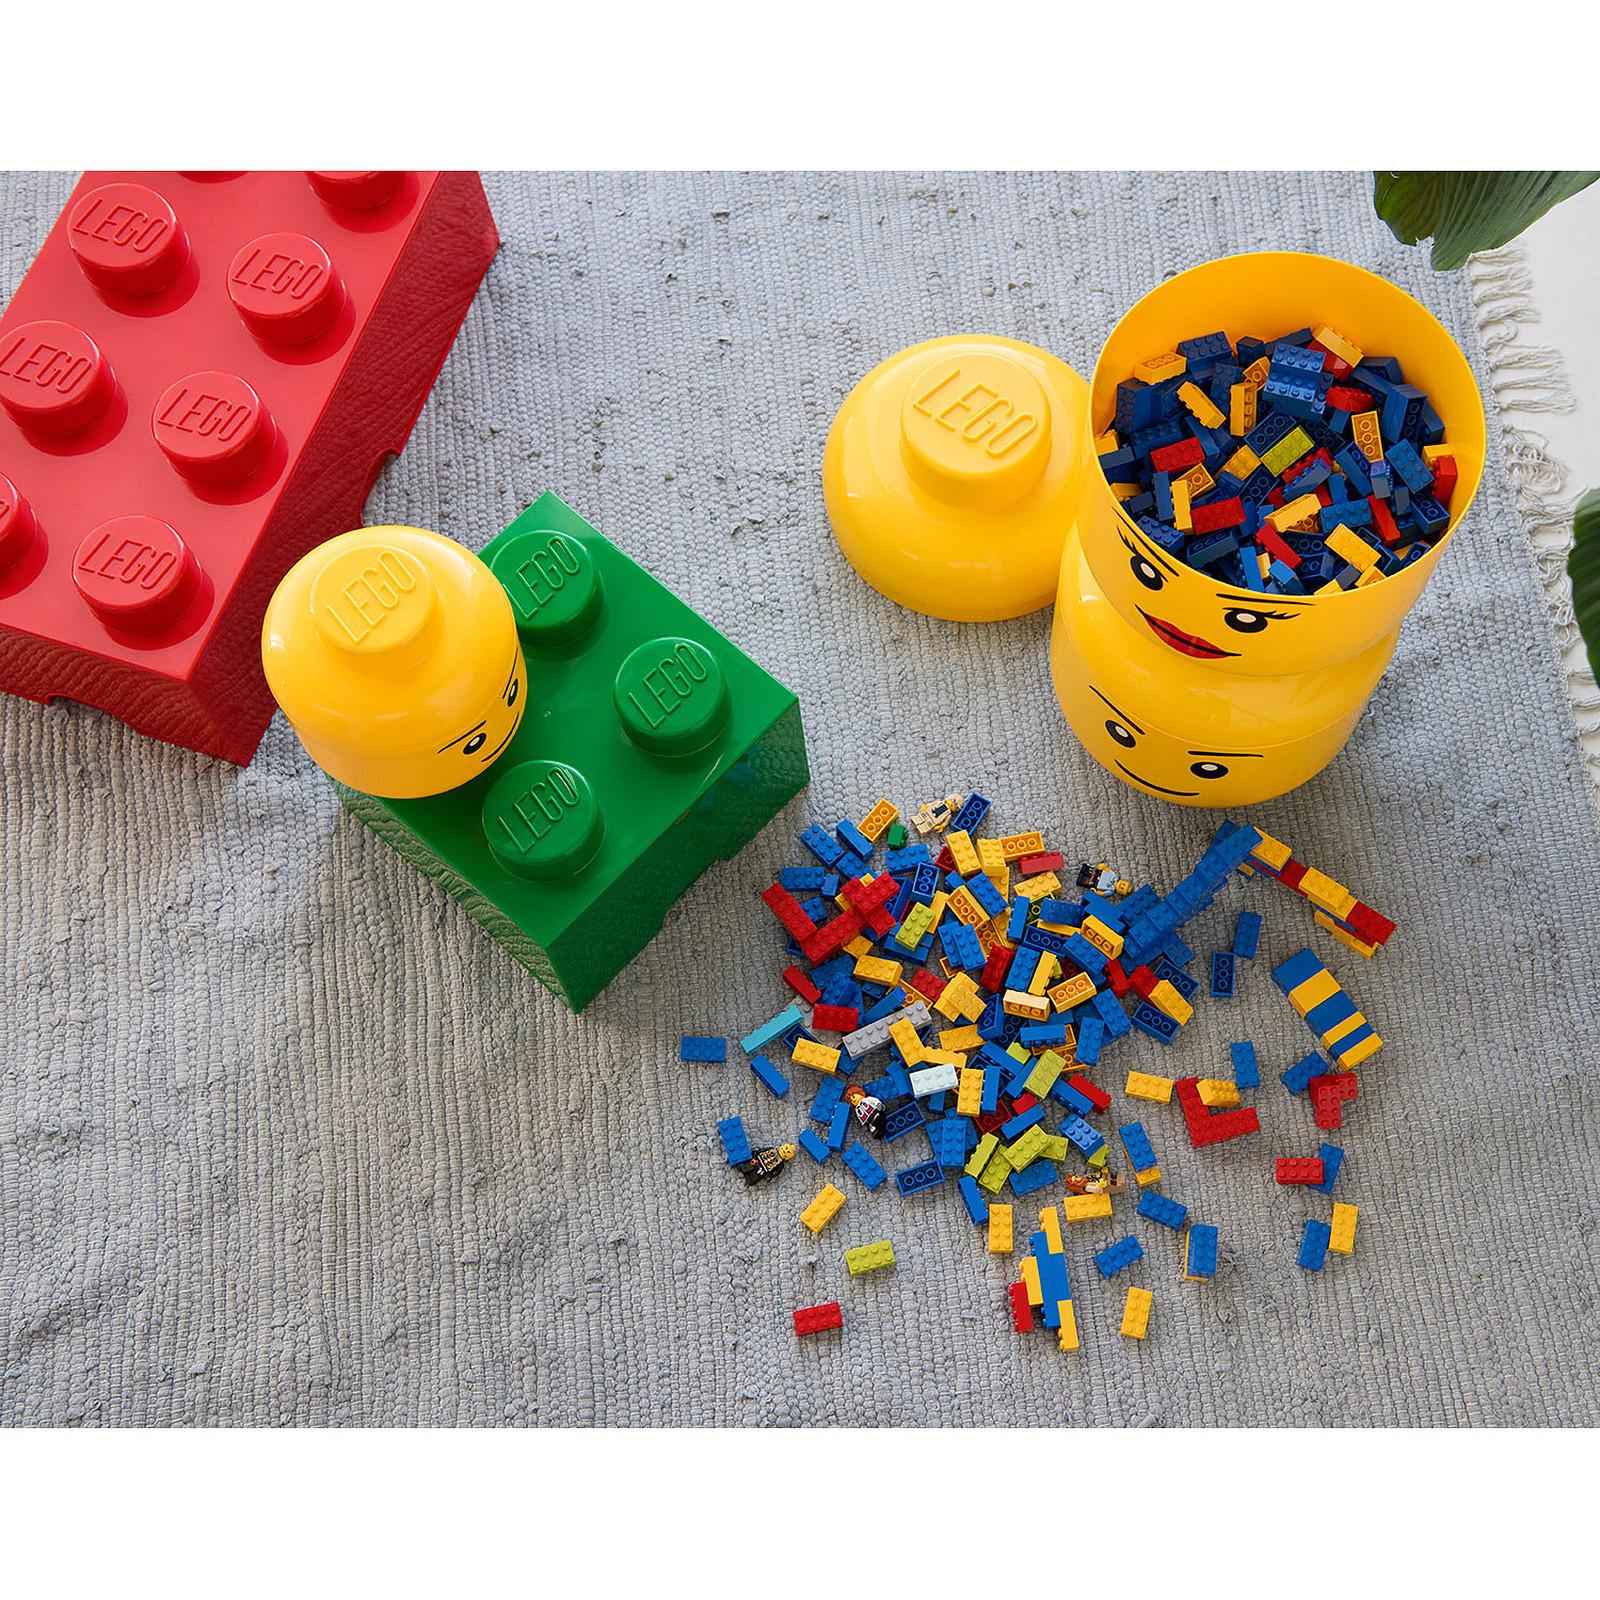 Lego Tete De Rangement Fille S Boite De Rangement Lego Sur Ldlc Com Museericorde